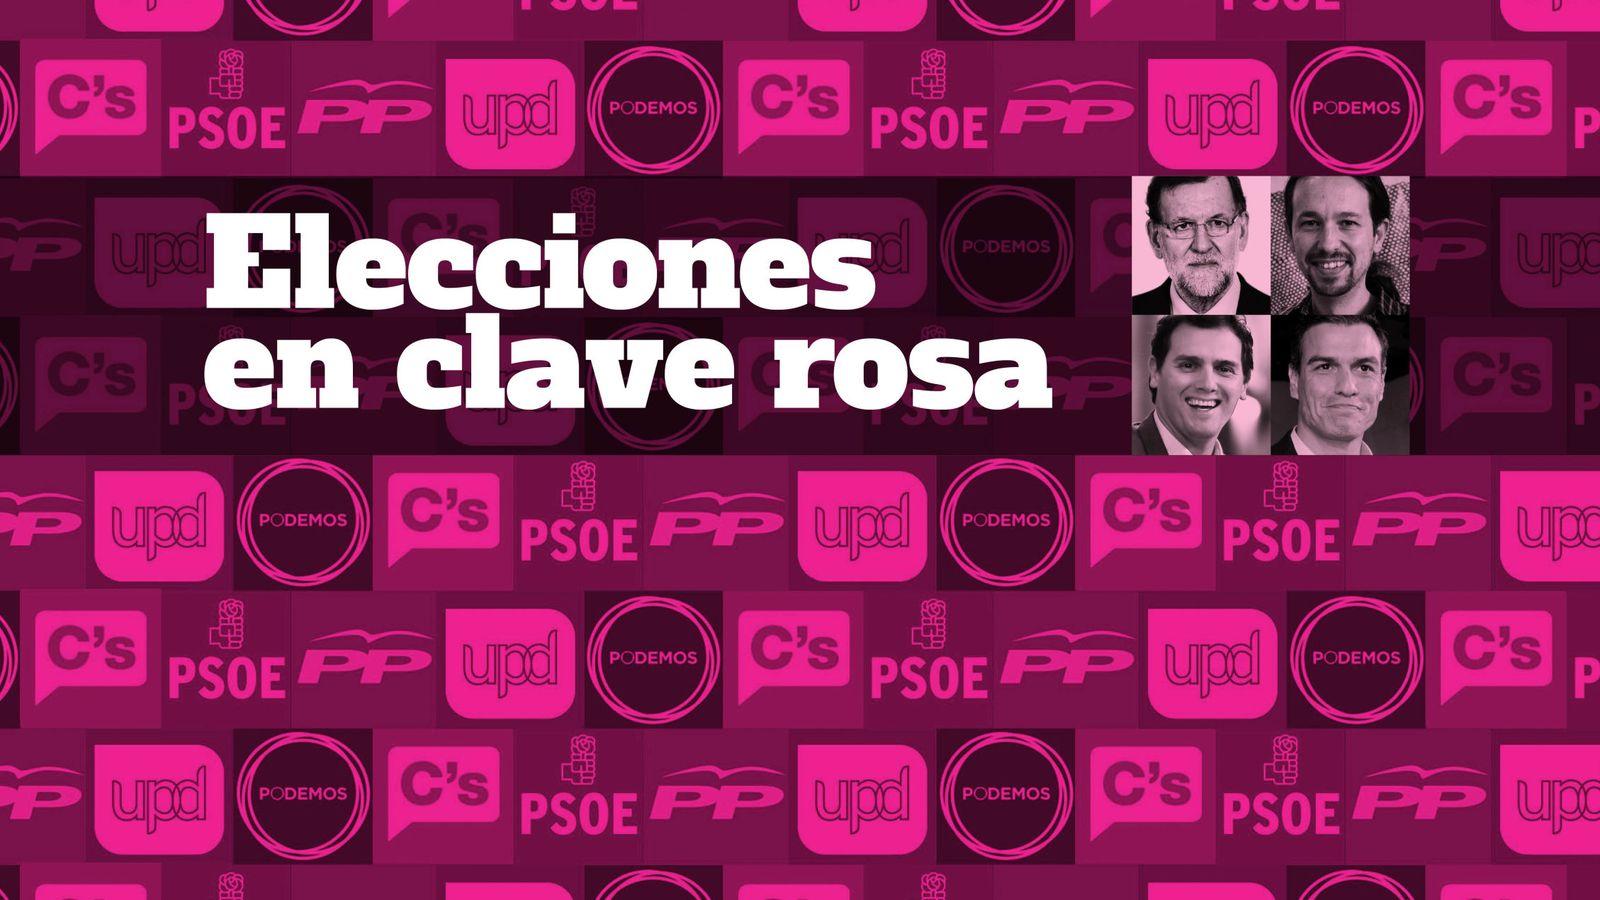 Foto: Elecciones en clave rosa